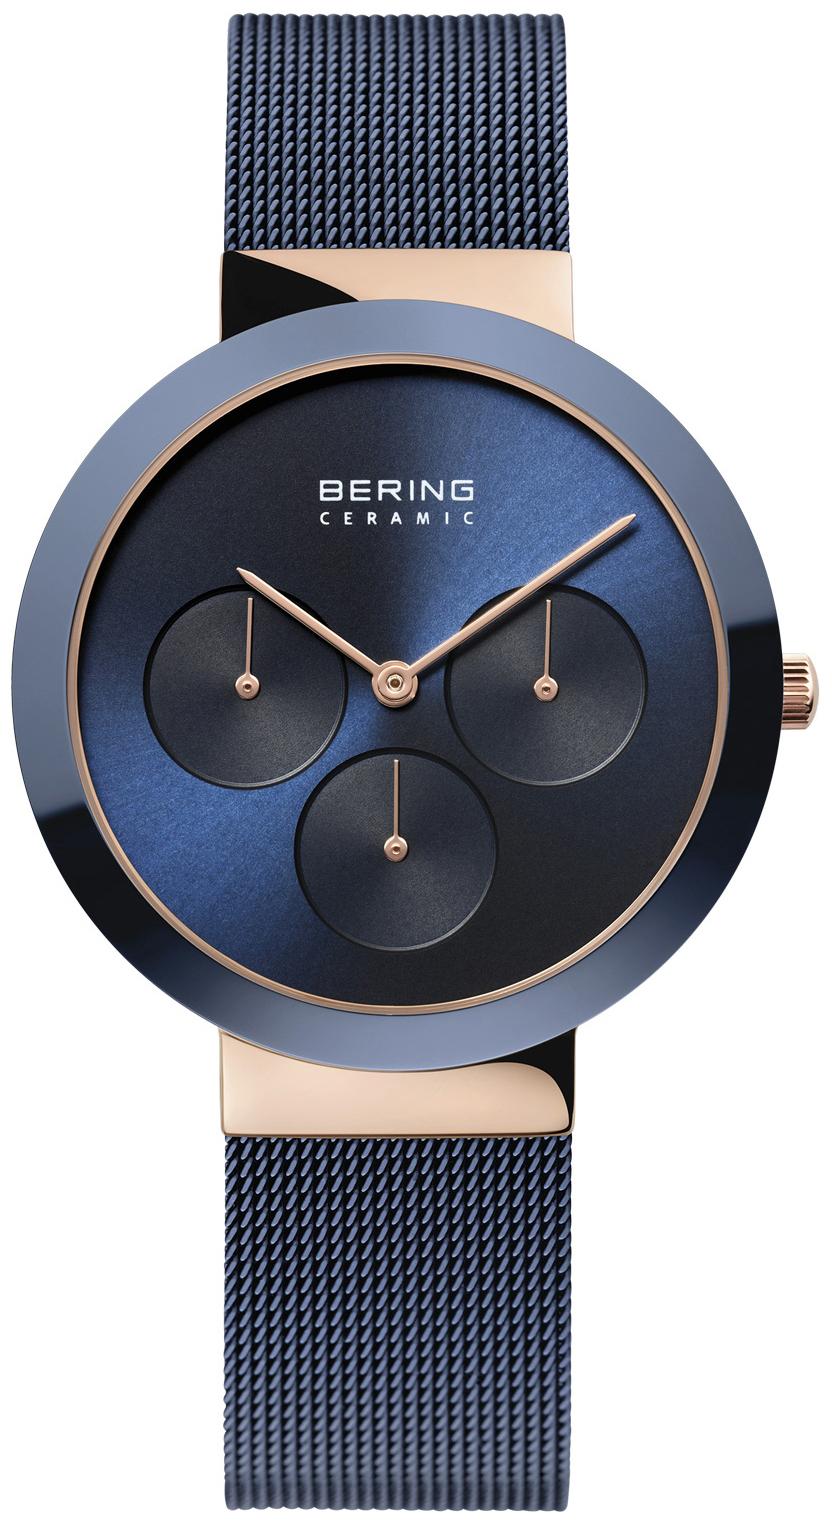 Bering Ceramic 35036-367 Blå/Stål Ø36 mm - Bering